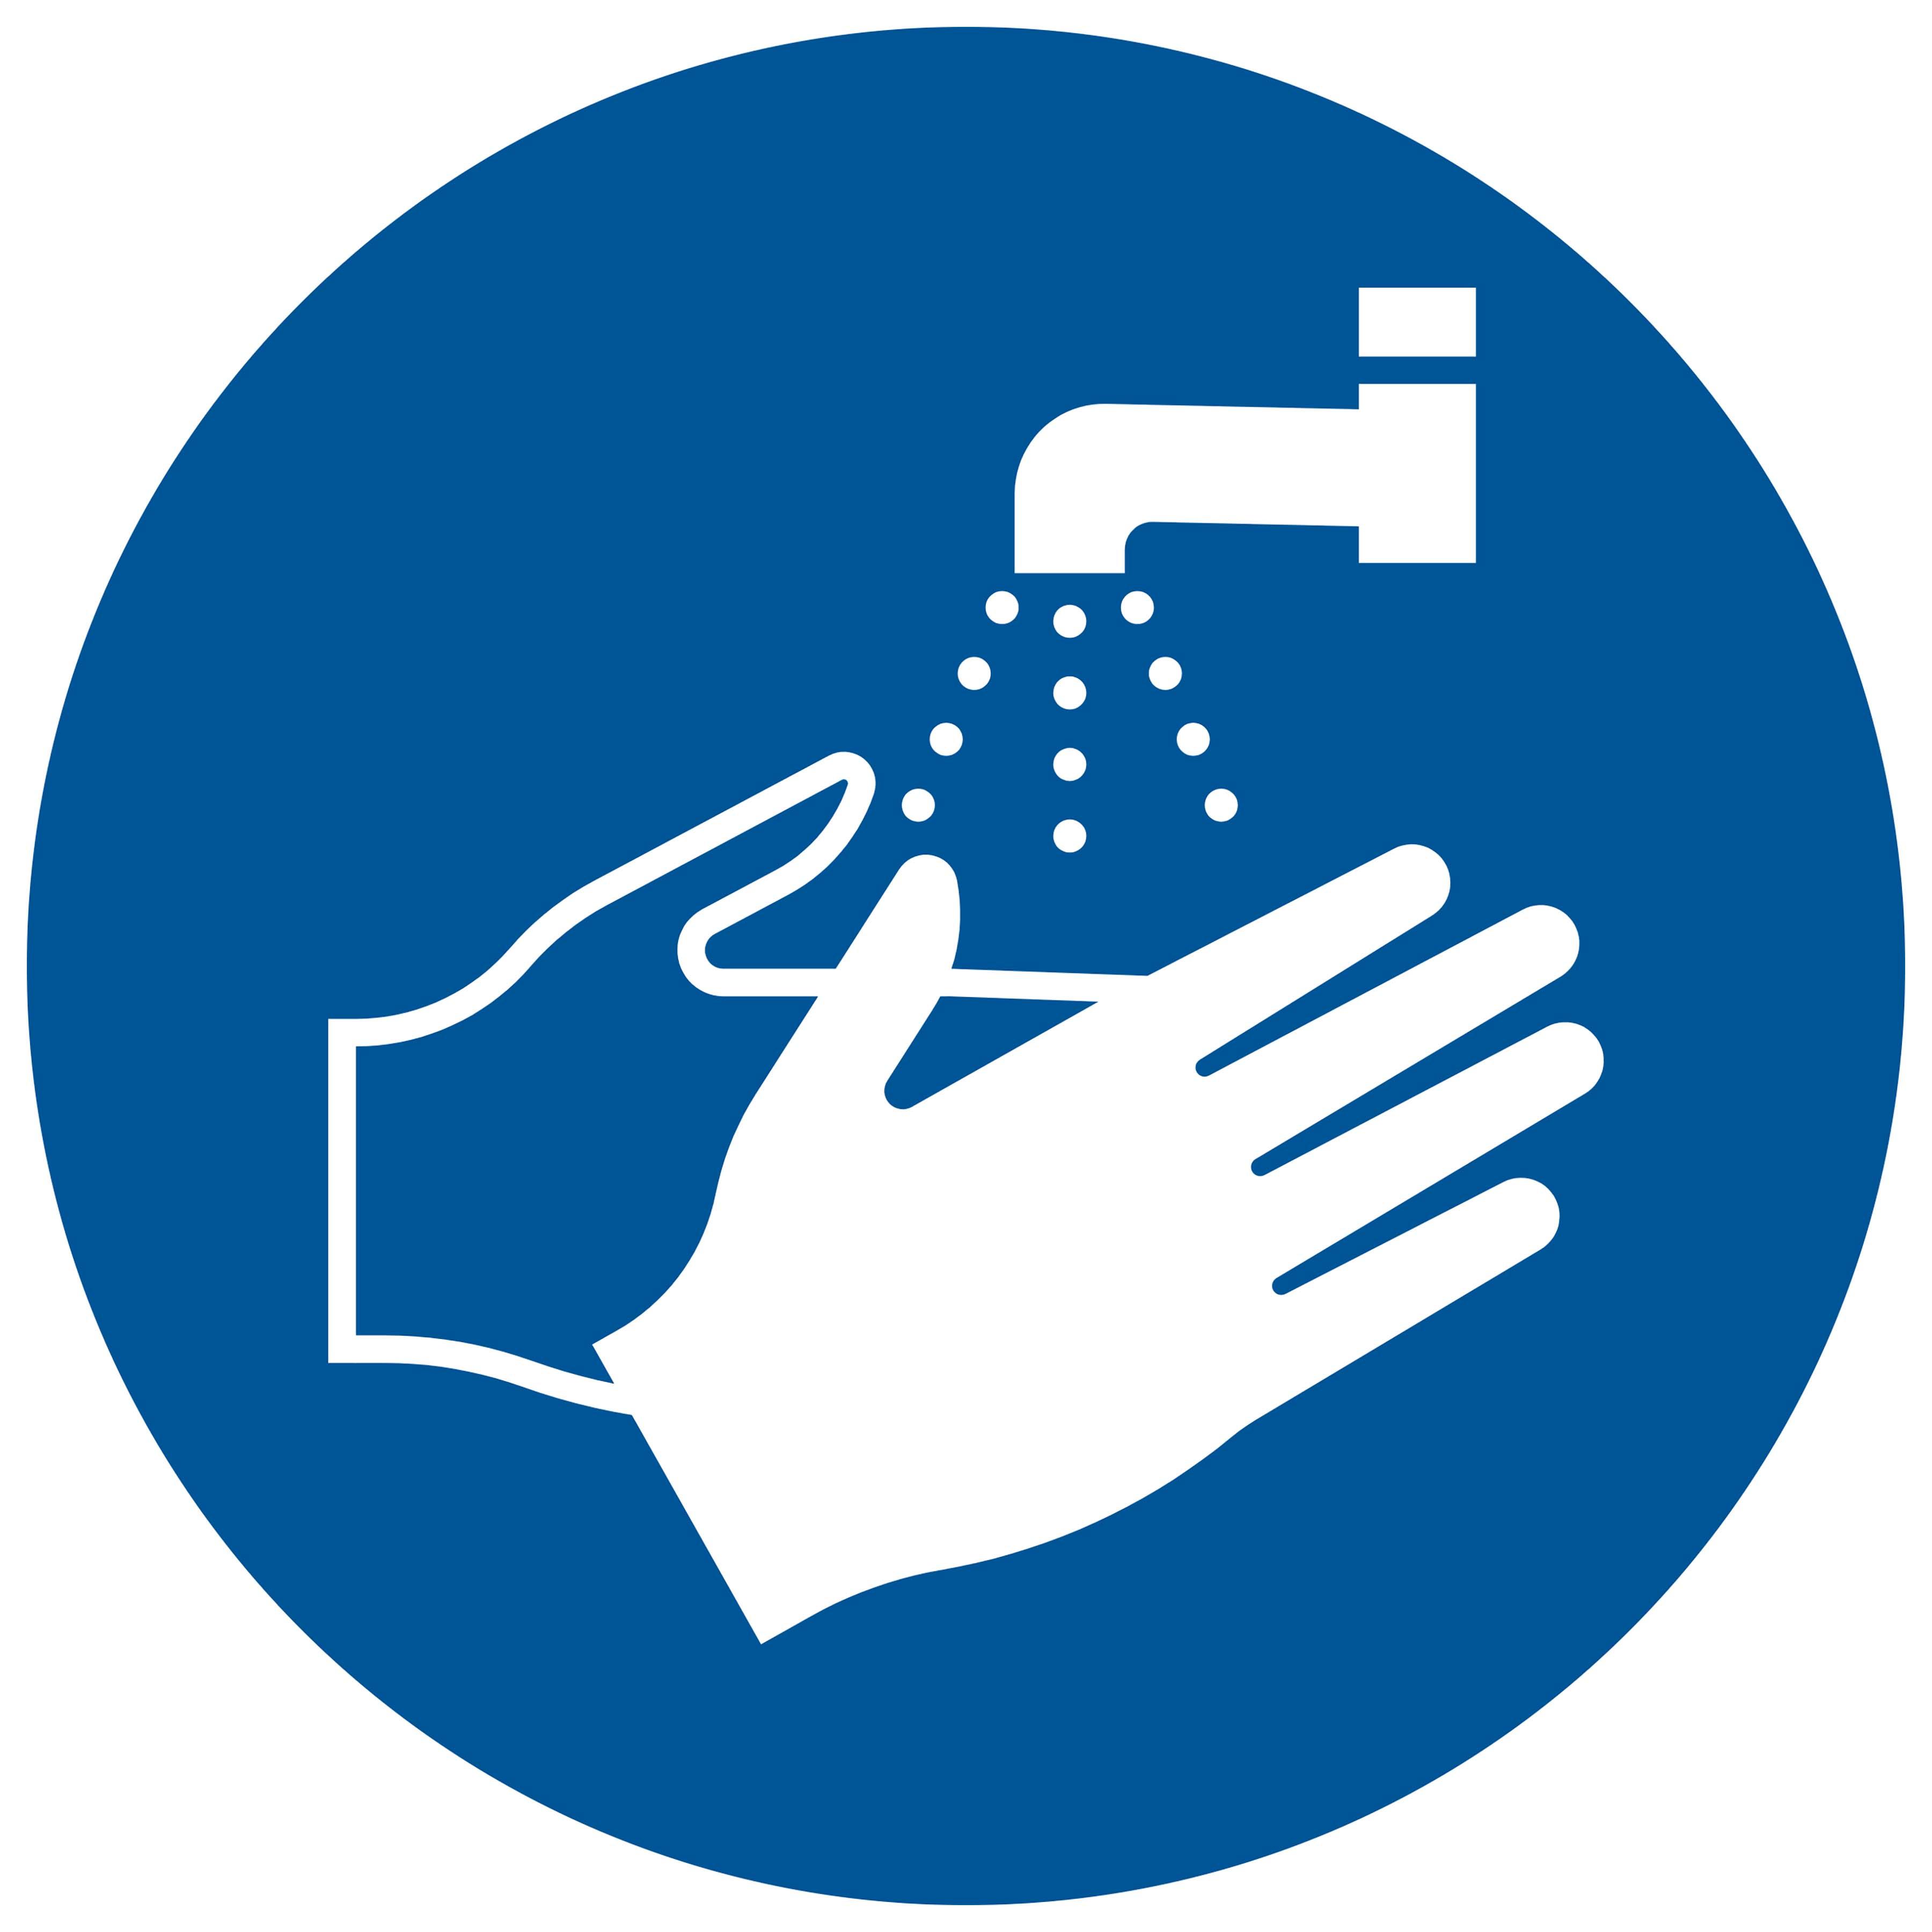 Sticker Handen wassen verplicht - washing hands required - se laver les mains requis - Händewaschen erforderlich - social distance COVID19 COVID-19 corona virus